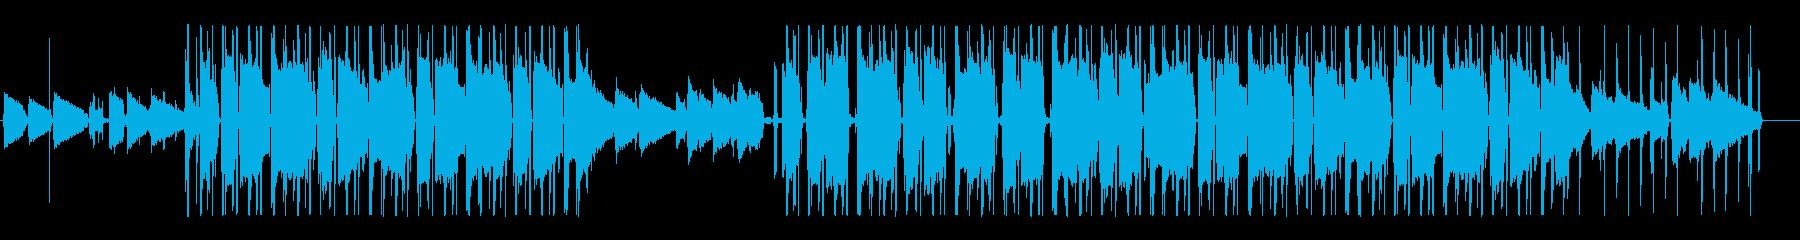 [カフェ]オシャレJazzyHipHopの再生済みの波形